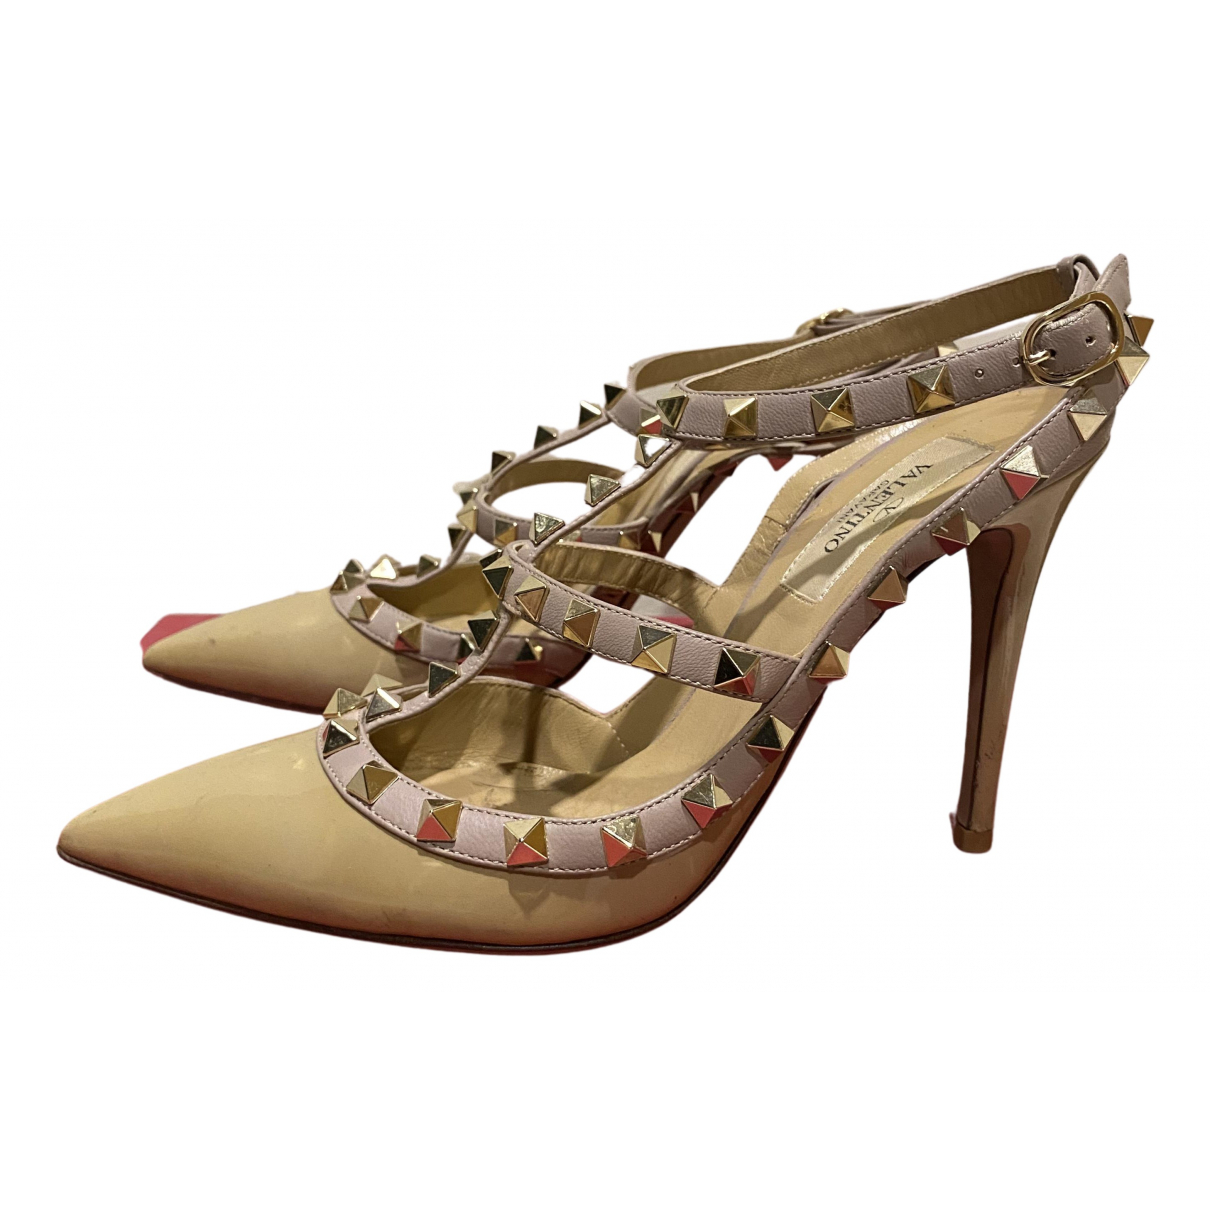 Valentino Garavani - Sandales   pour femme en cuir verni - beige